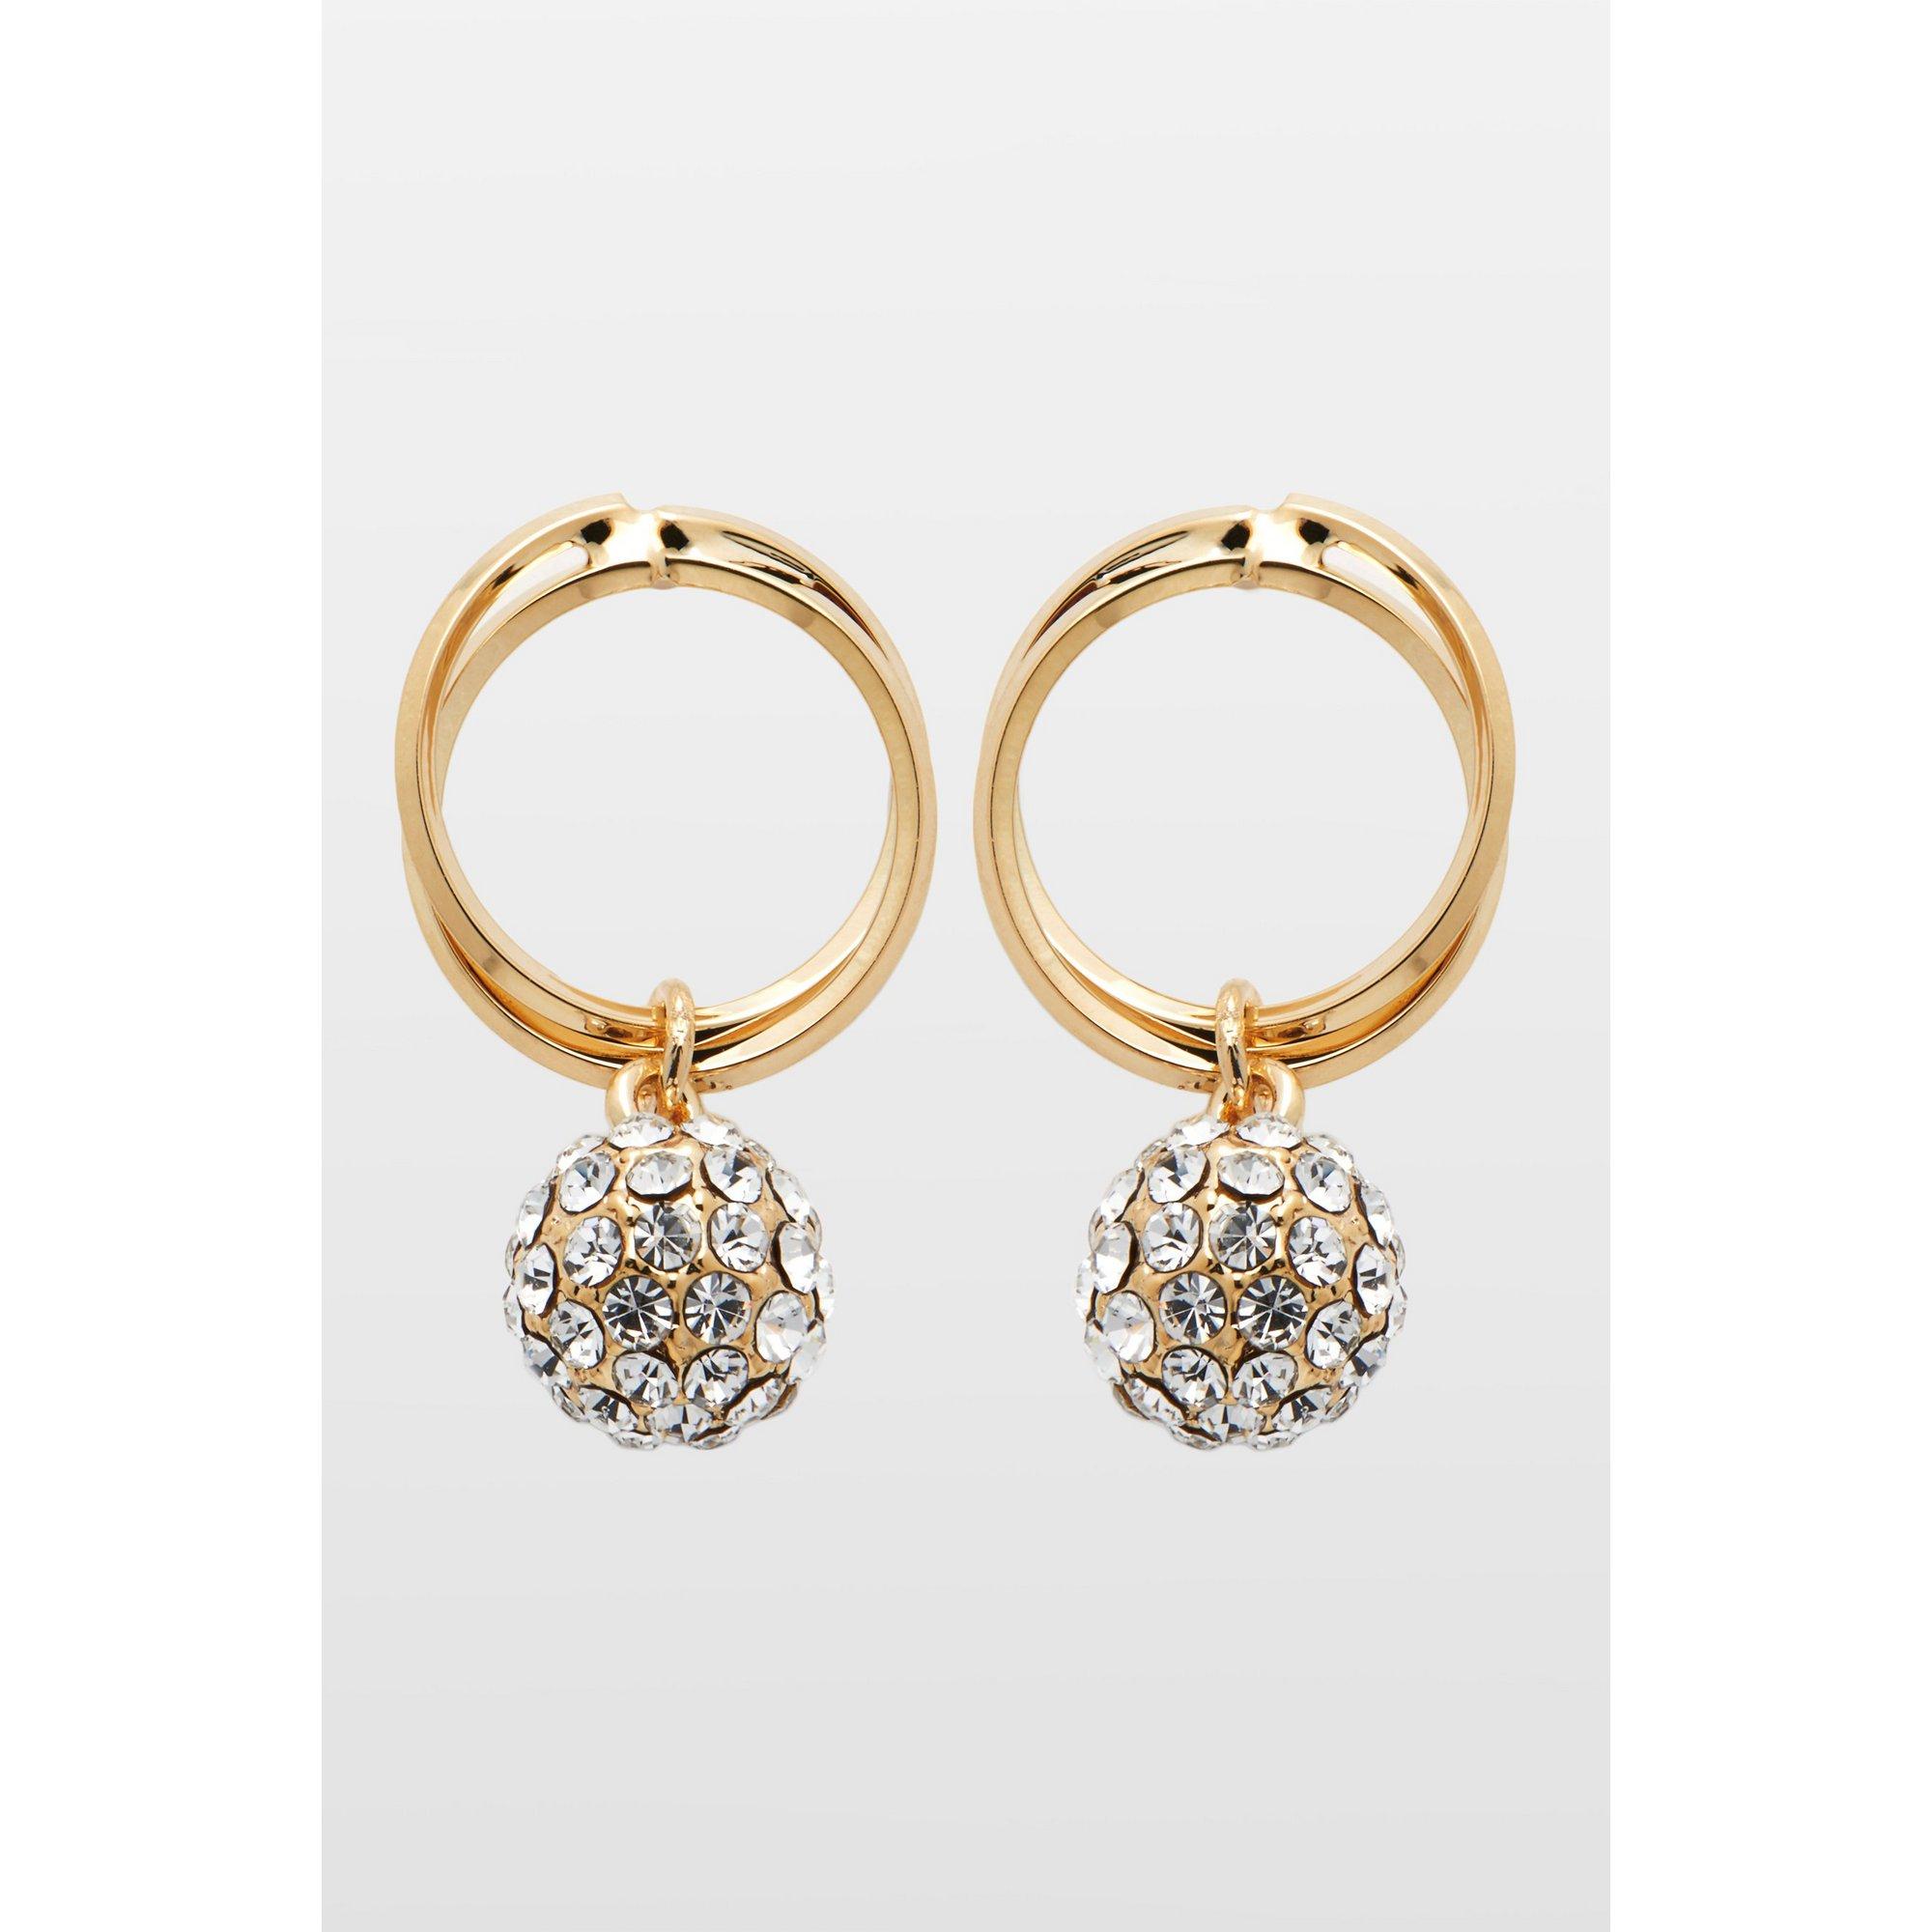 Image of 18ct Gold Plated Hoop Drop Earrings